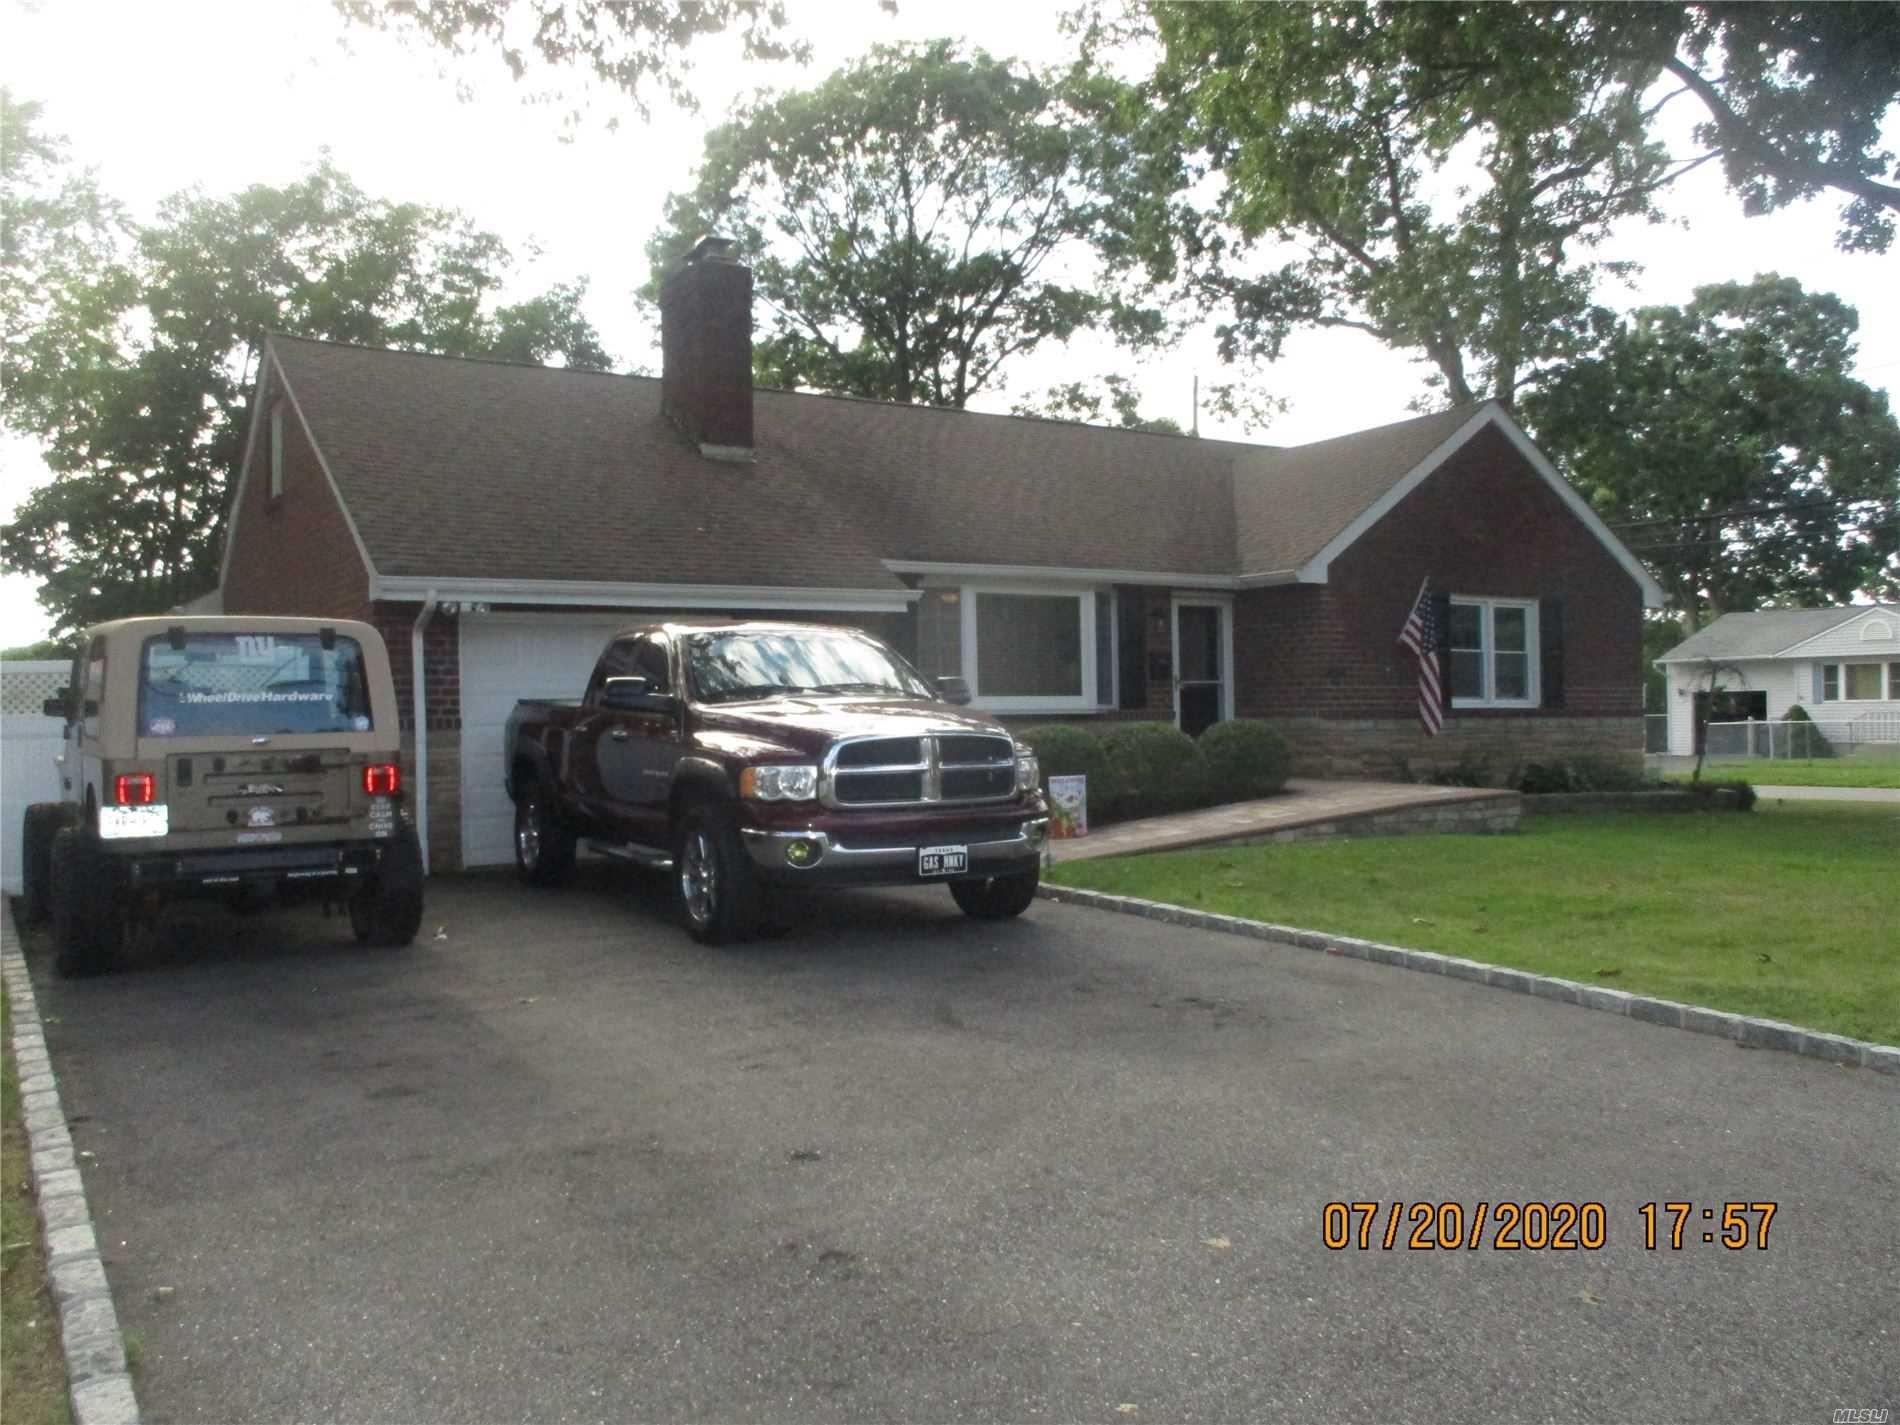 46 Freeman Ave, Islip, NY 11751 - MLS#: 3235439